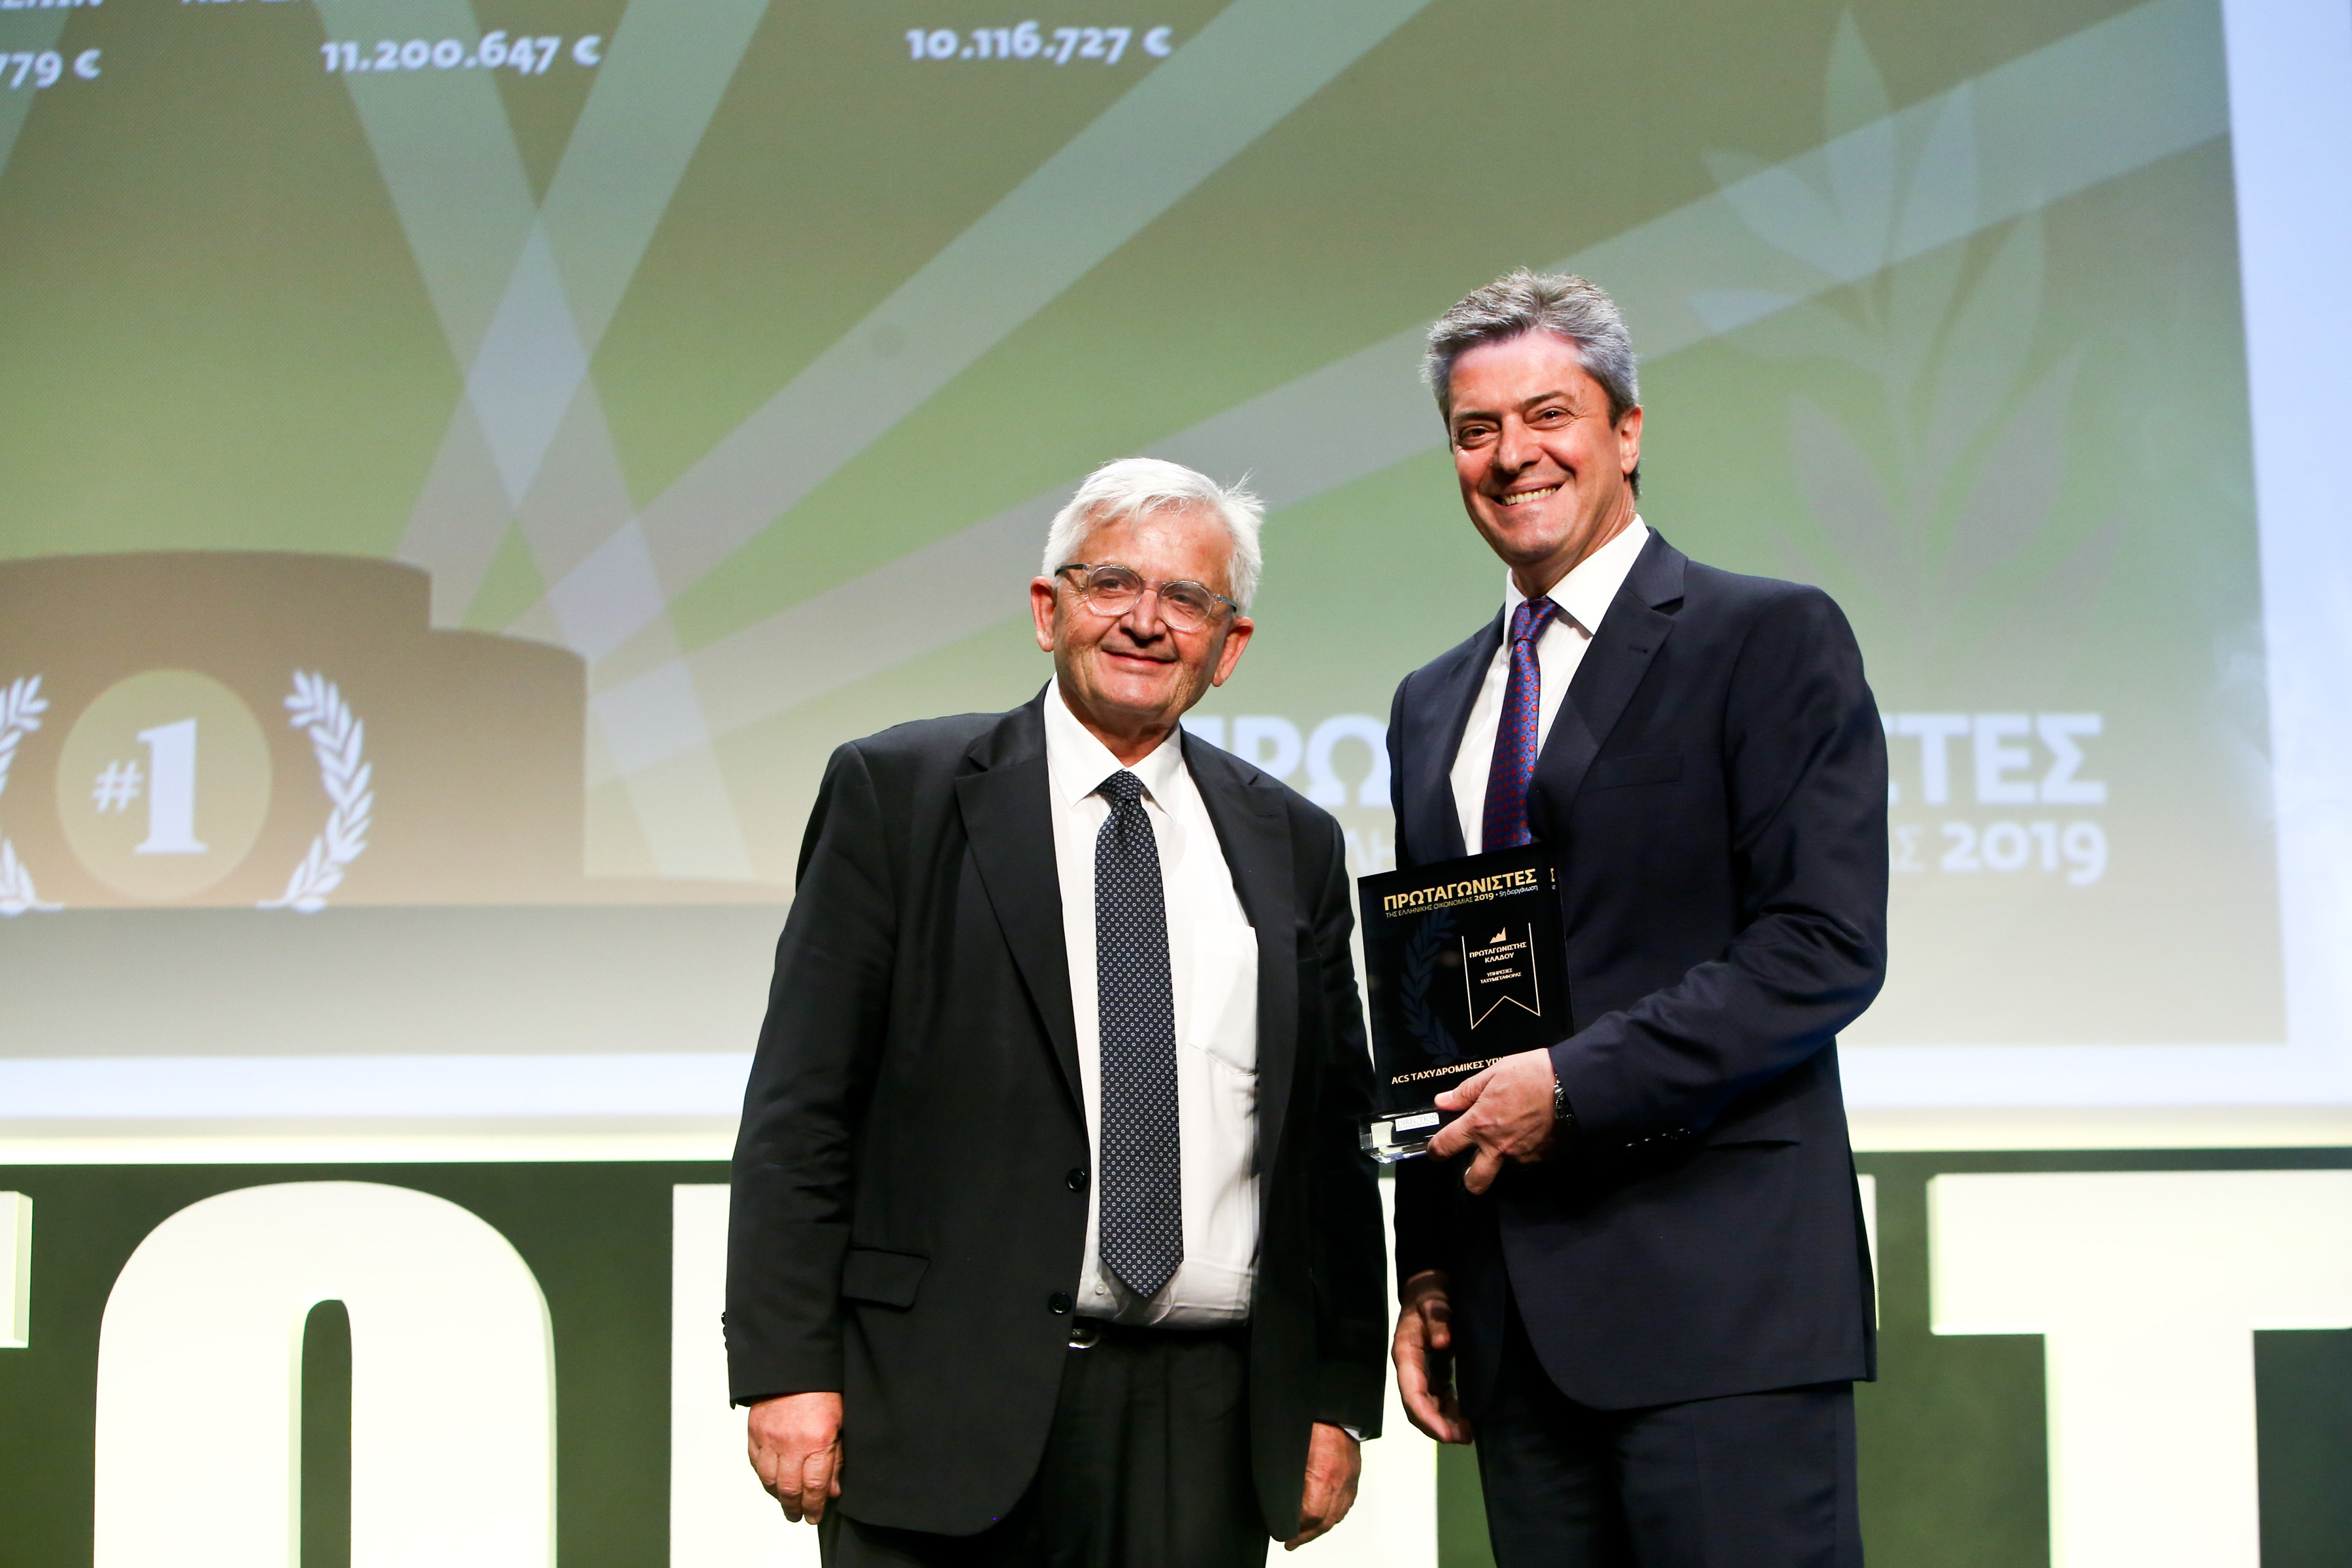 Ο κος Κώστας Μενεγάκης, Γενικός Διευθυντής της ACS, κατά την παραλαβή του βραβείου 'Πρωταγωνιστές της Ελληνικής Οικονομίας 2019' στον κλάδο Υπηρεσίες Ταχυμεταφοράς.